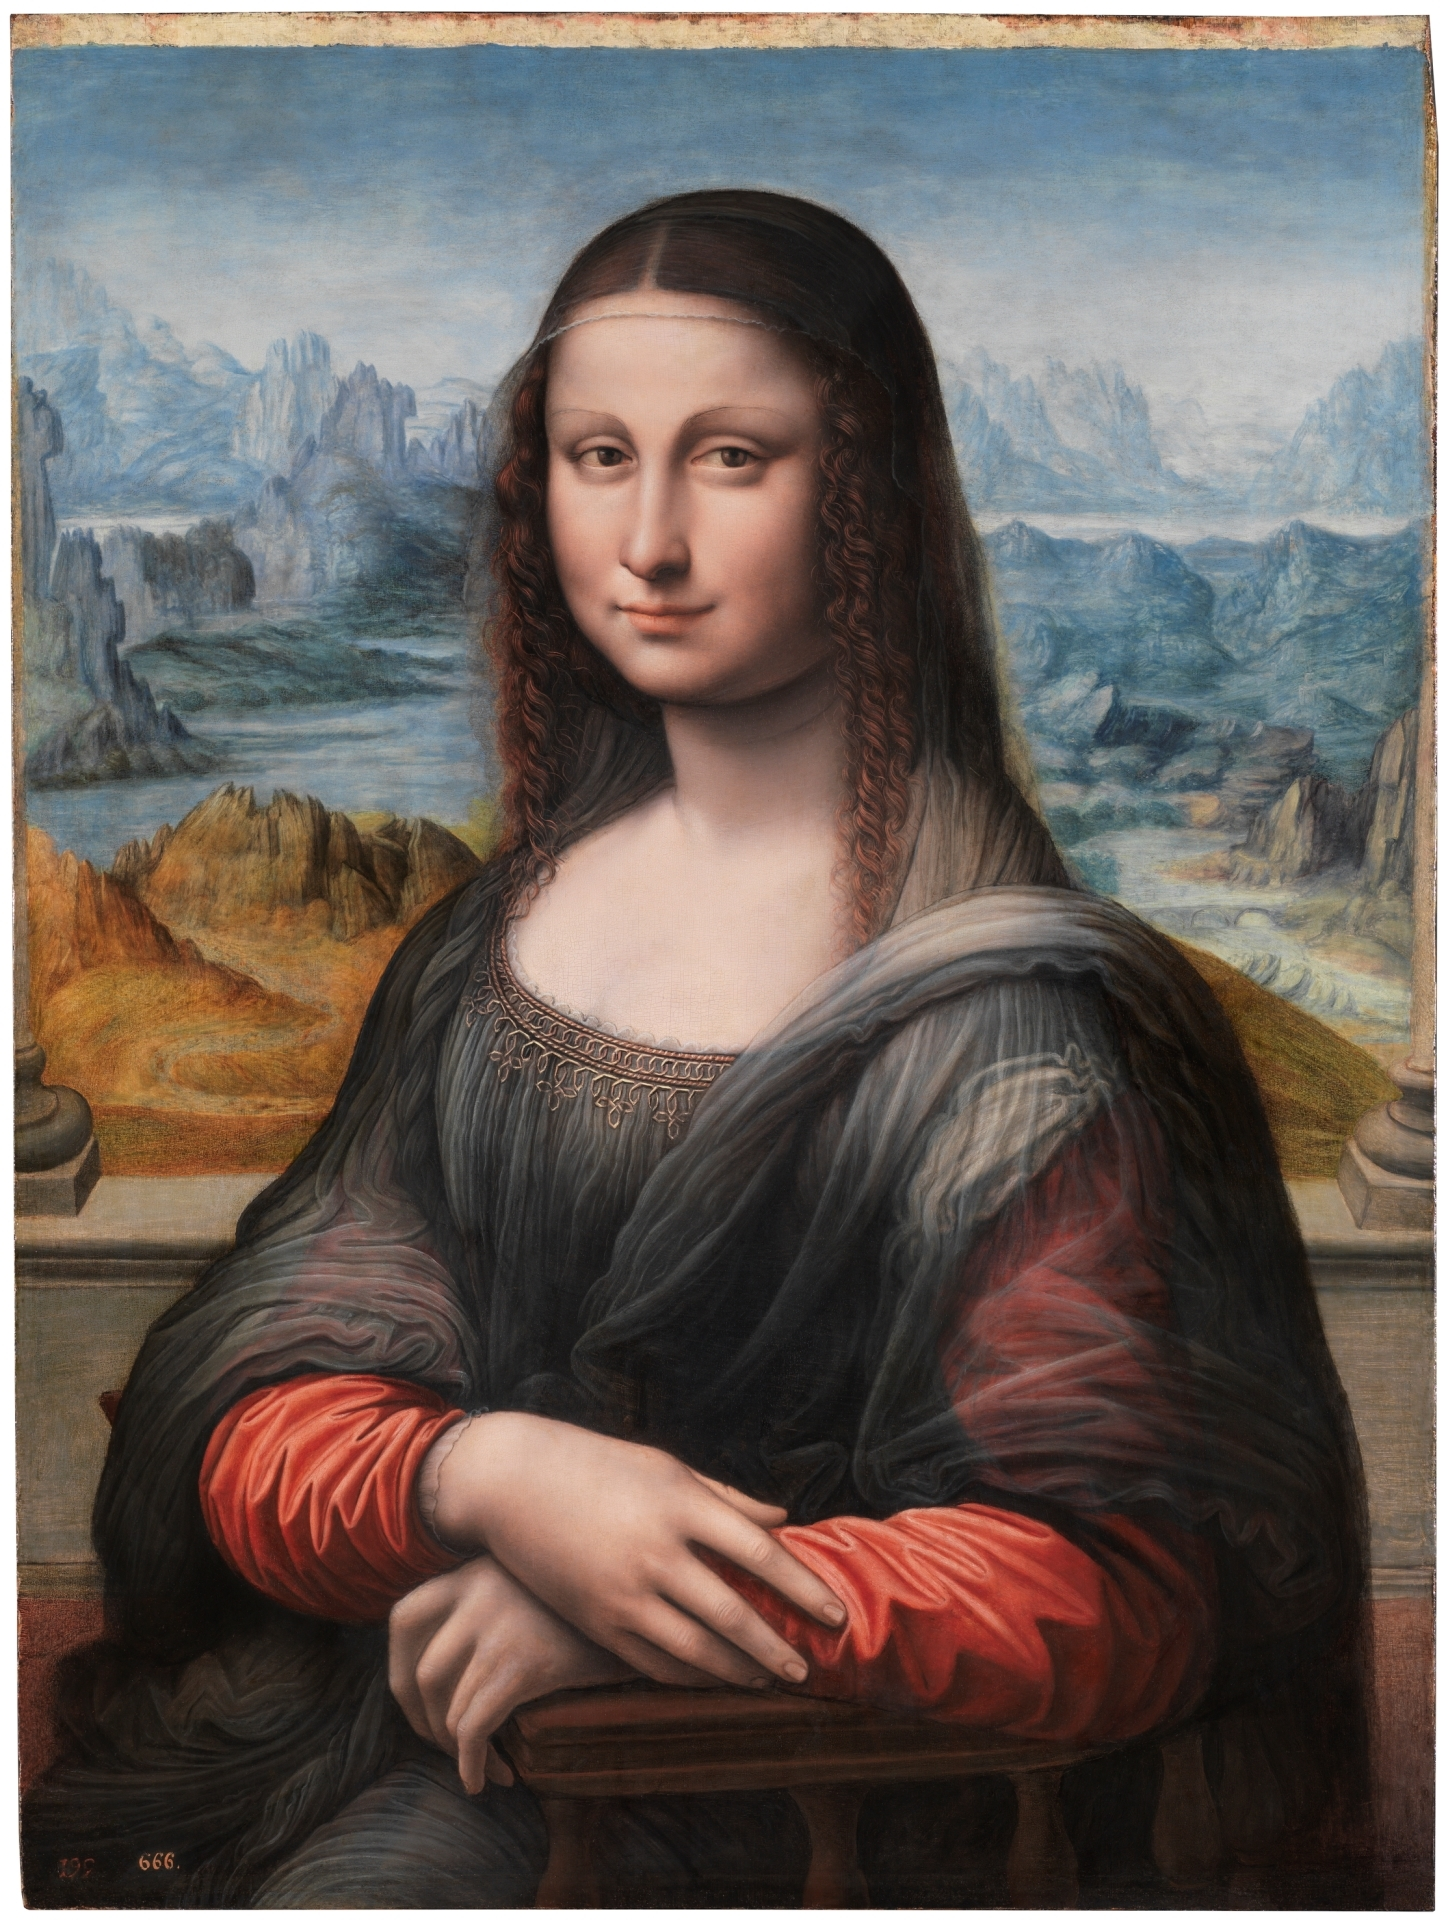 Mona Lisa - készült Leonardo da Vinci műhelyében, a mester felügylete mellett - forrás: Madrid, Museo Nacional del Prado